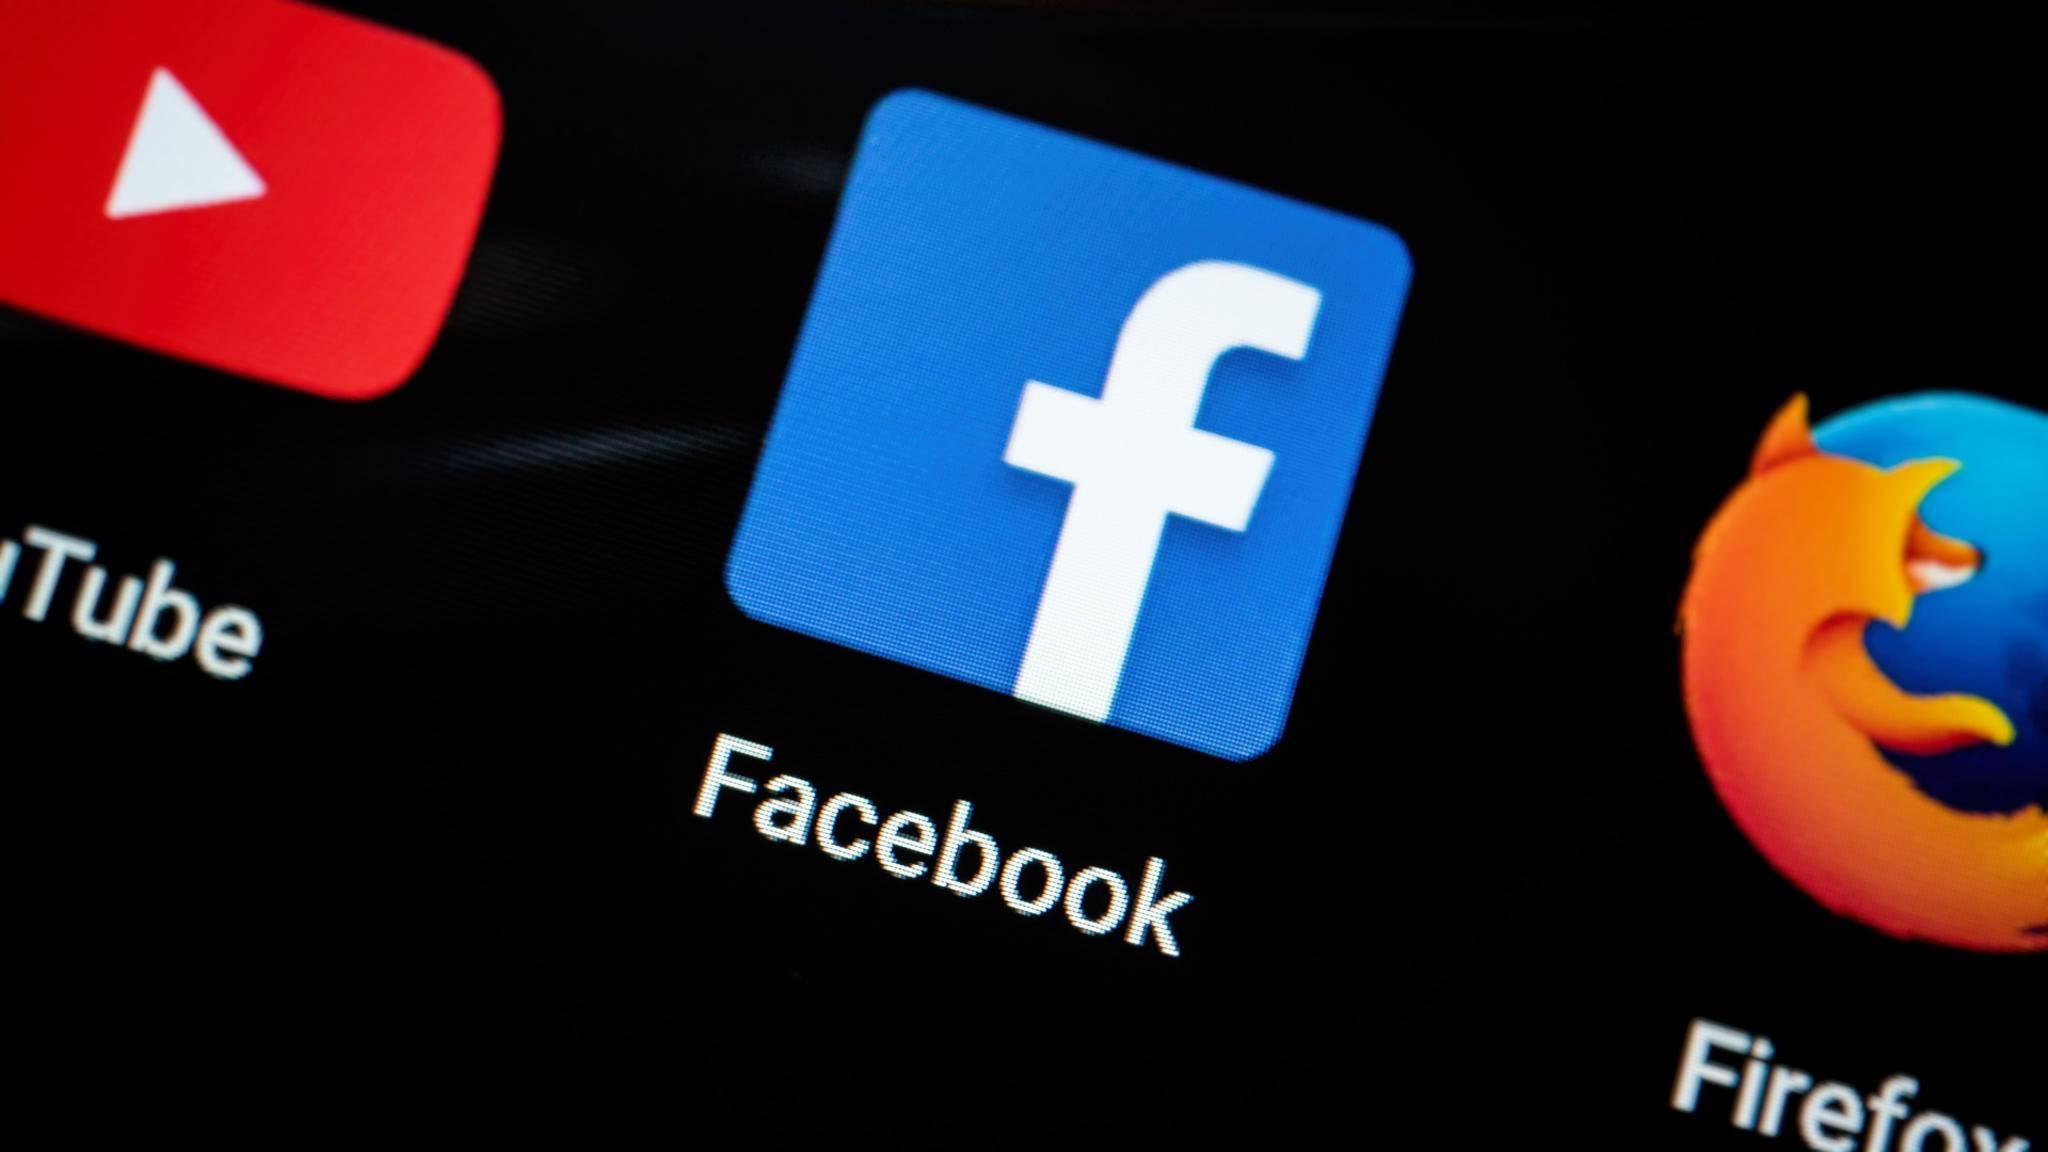 Auch ohne Passwort kommst Du unter Umständen in Dein Facebook-Profil.